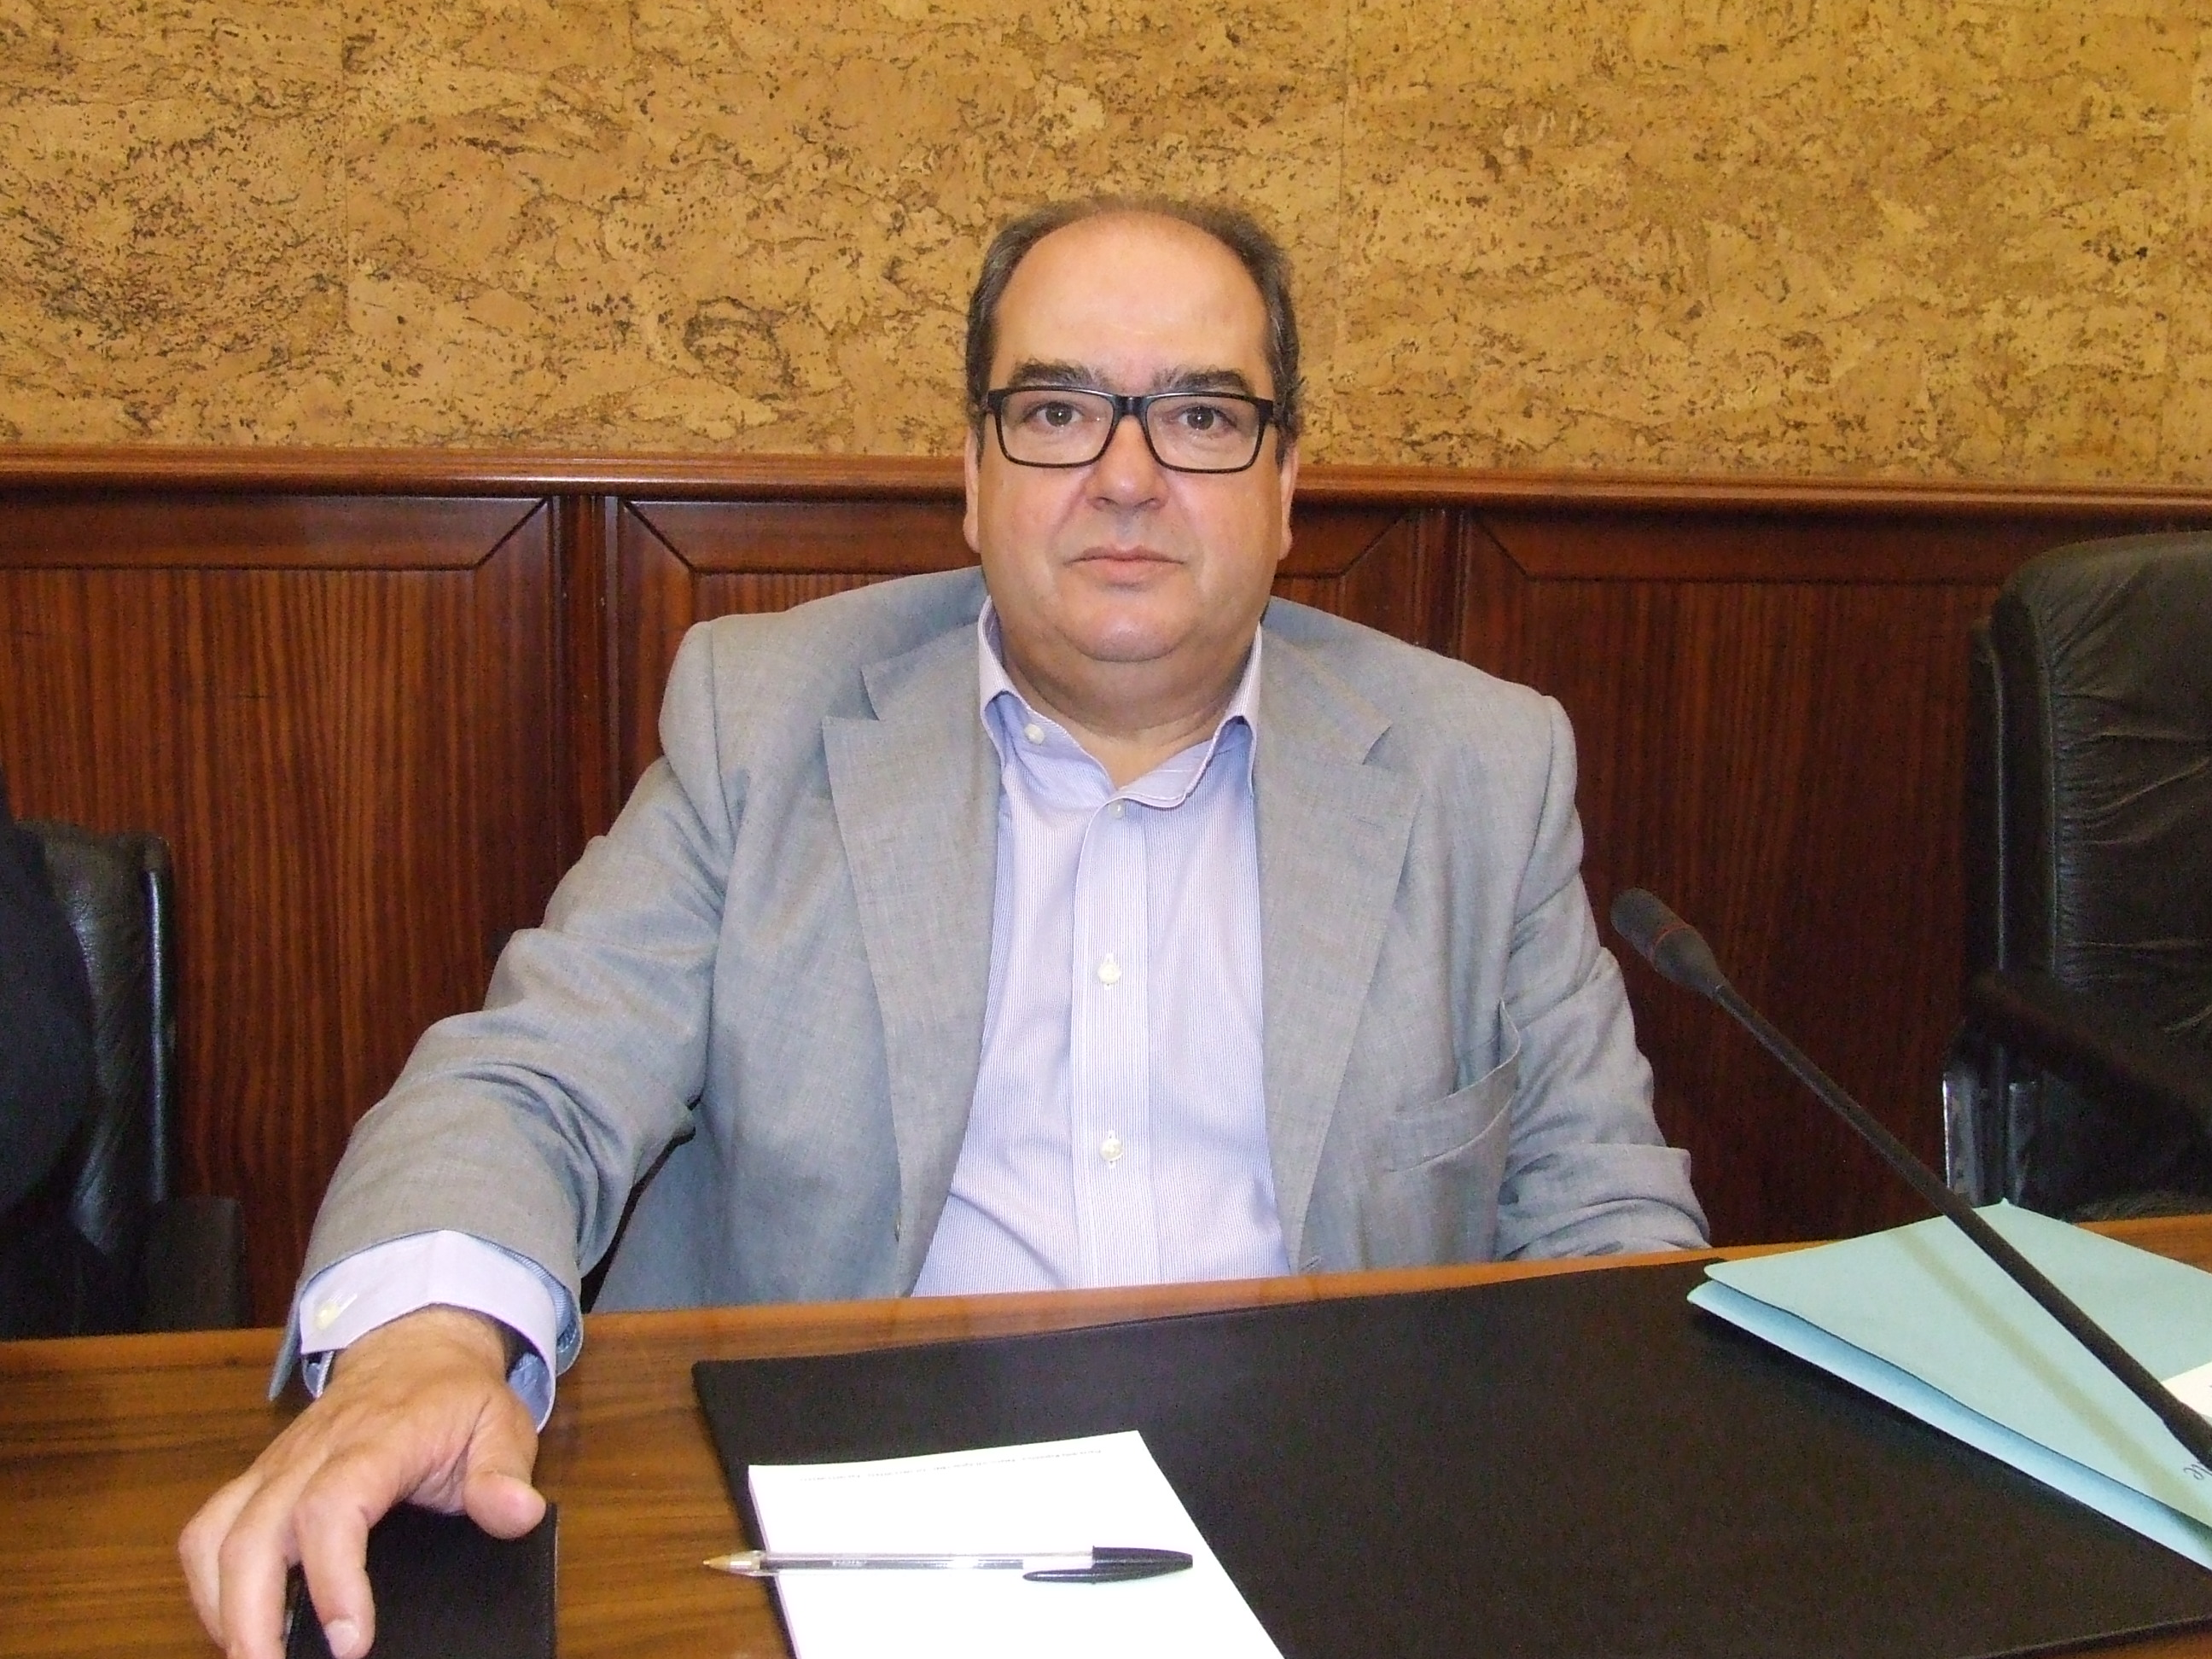 Dopo l'intervento chirurgico ci scrive il consigliere Giovanni Sinacori